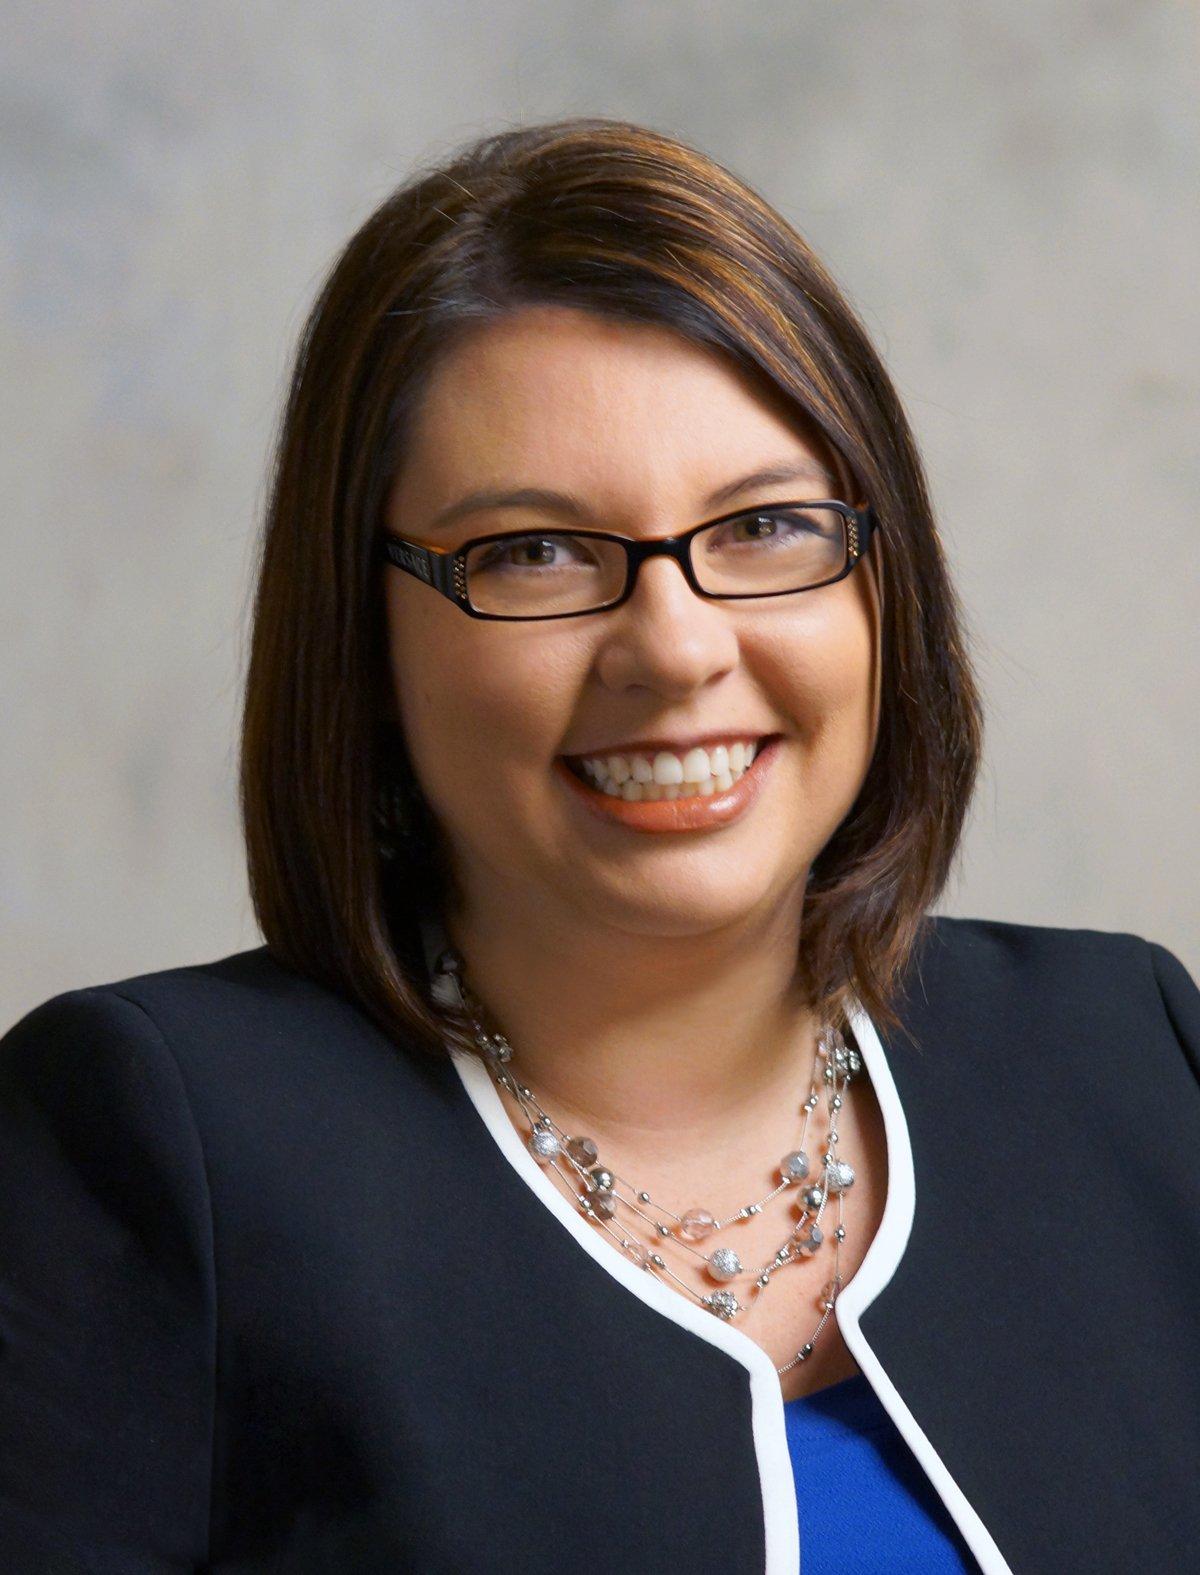 Clinical Supervisor Joanna Halbur